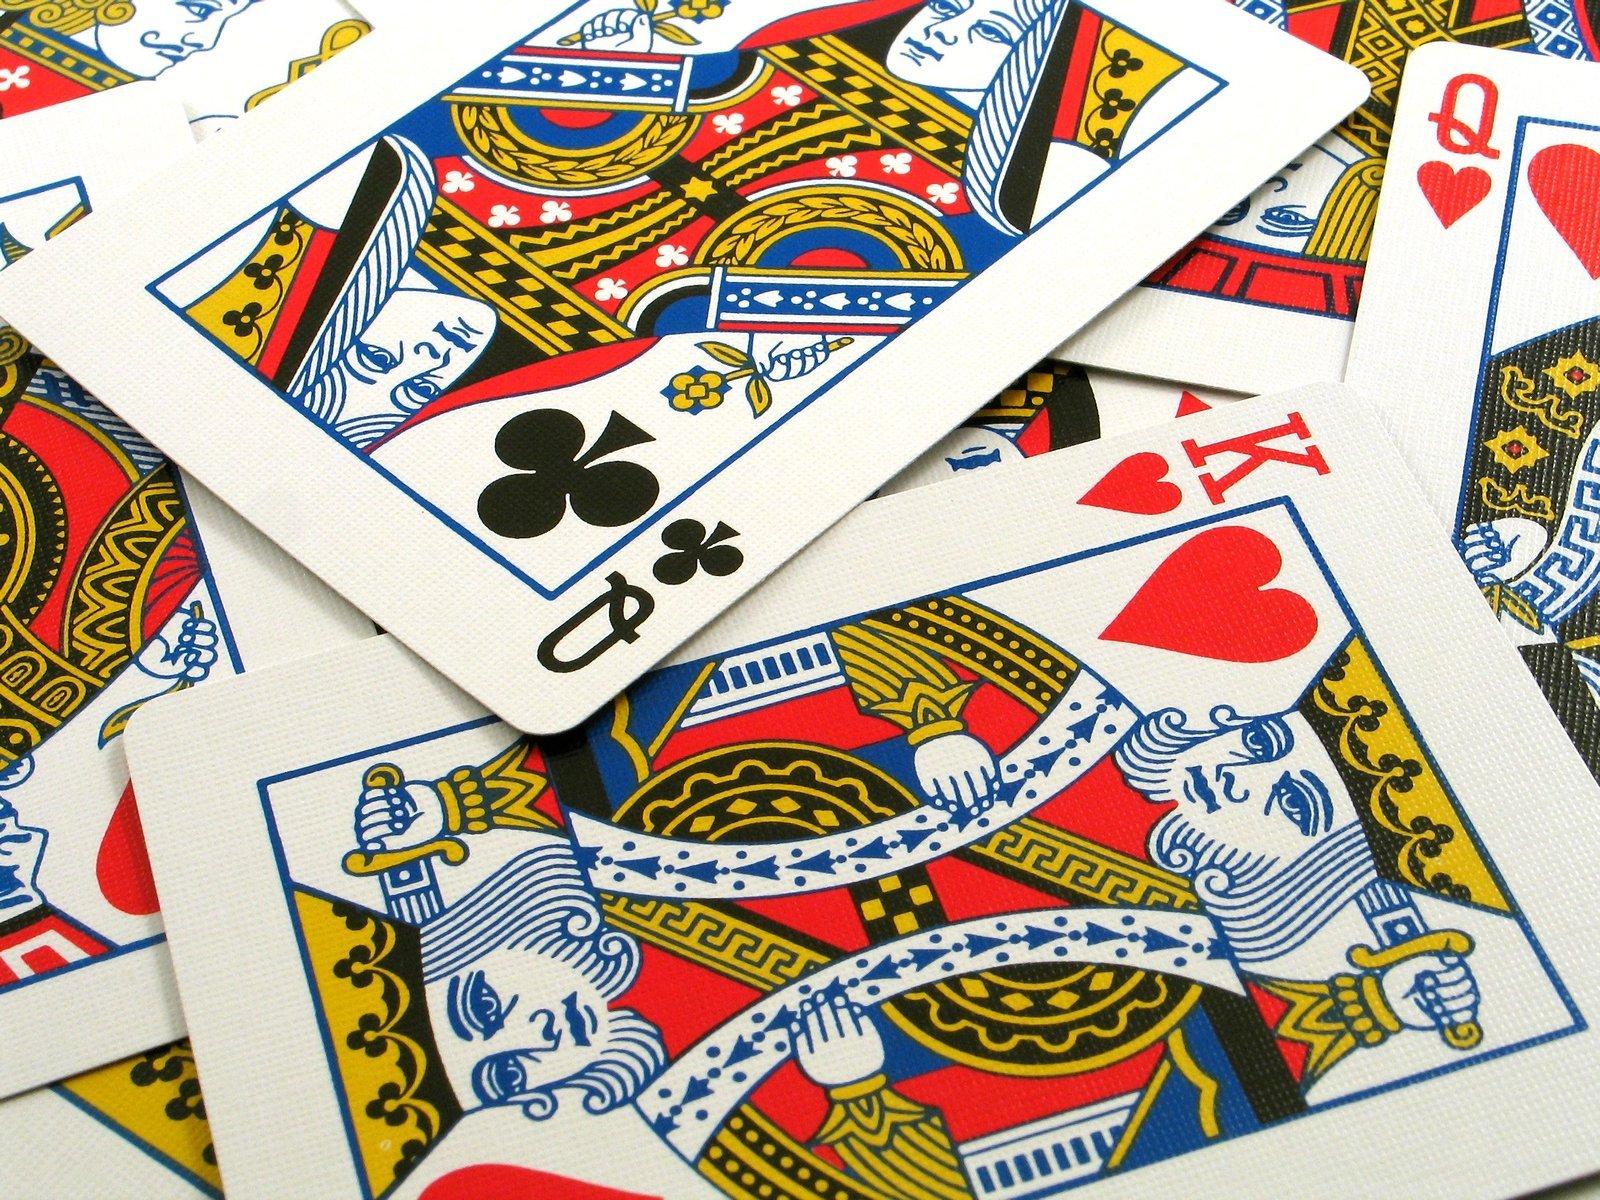 Full tilt card set